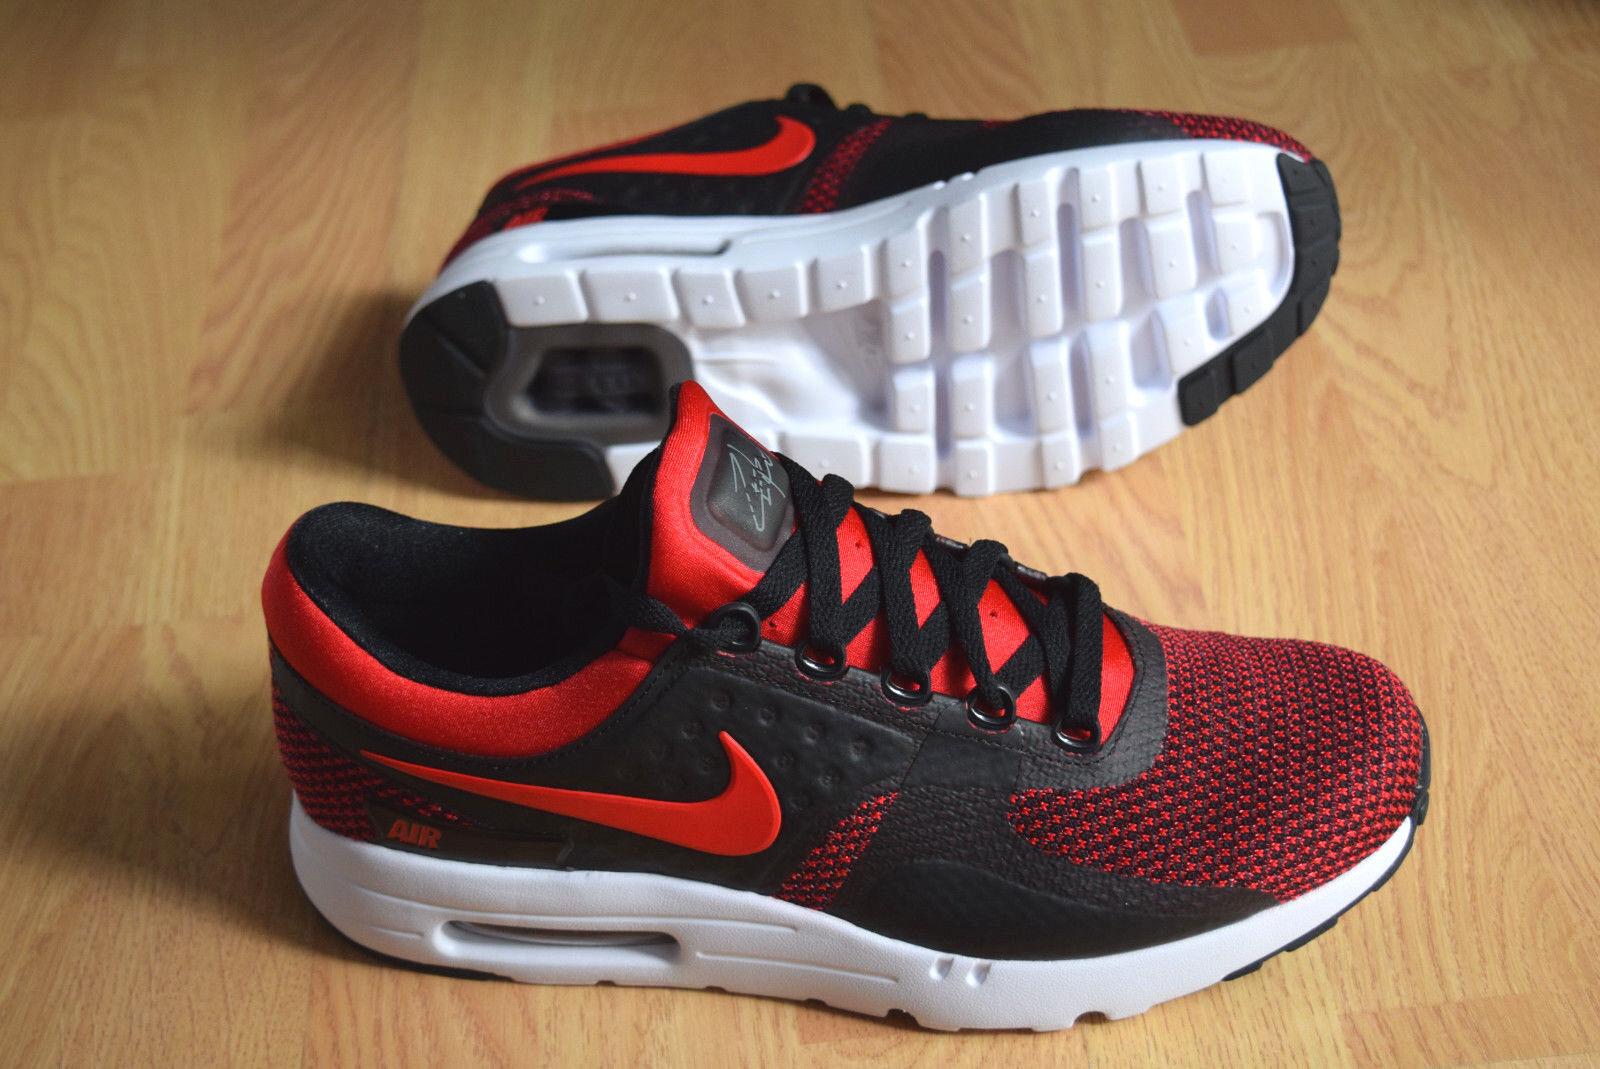 Nike Air Max Zero 41 Essential 38 40 41 Zero 42,5 43 44  tavas classic 90 bw 876070 600 30c4c7